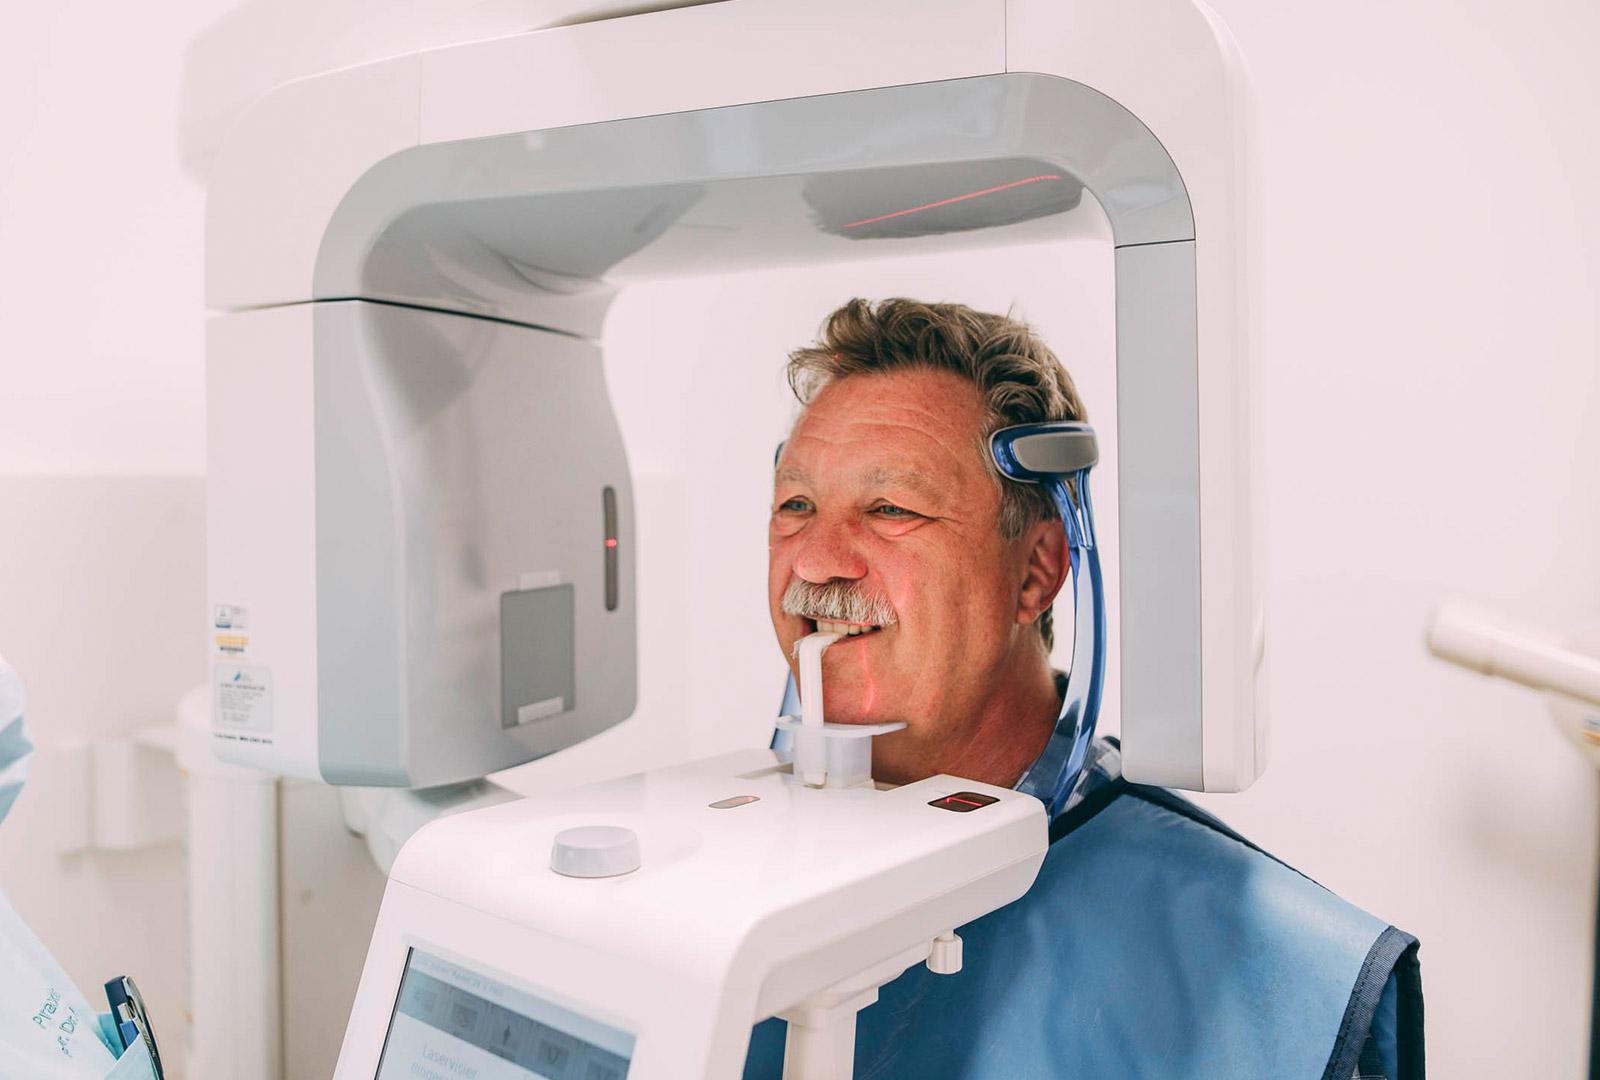 Moderne Technik für die sichere Behandlung in der Zahnarzrpraxis Plugmann, Leverkusen